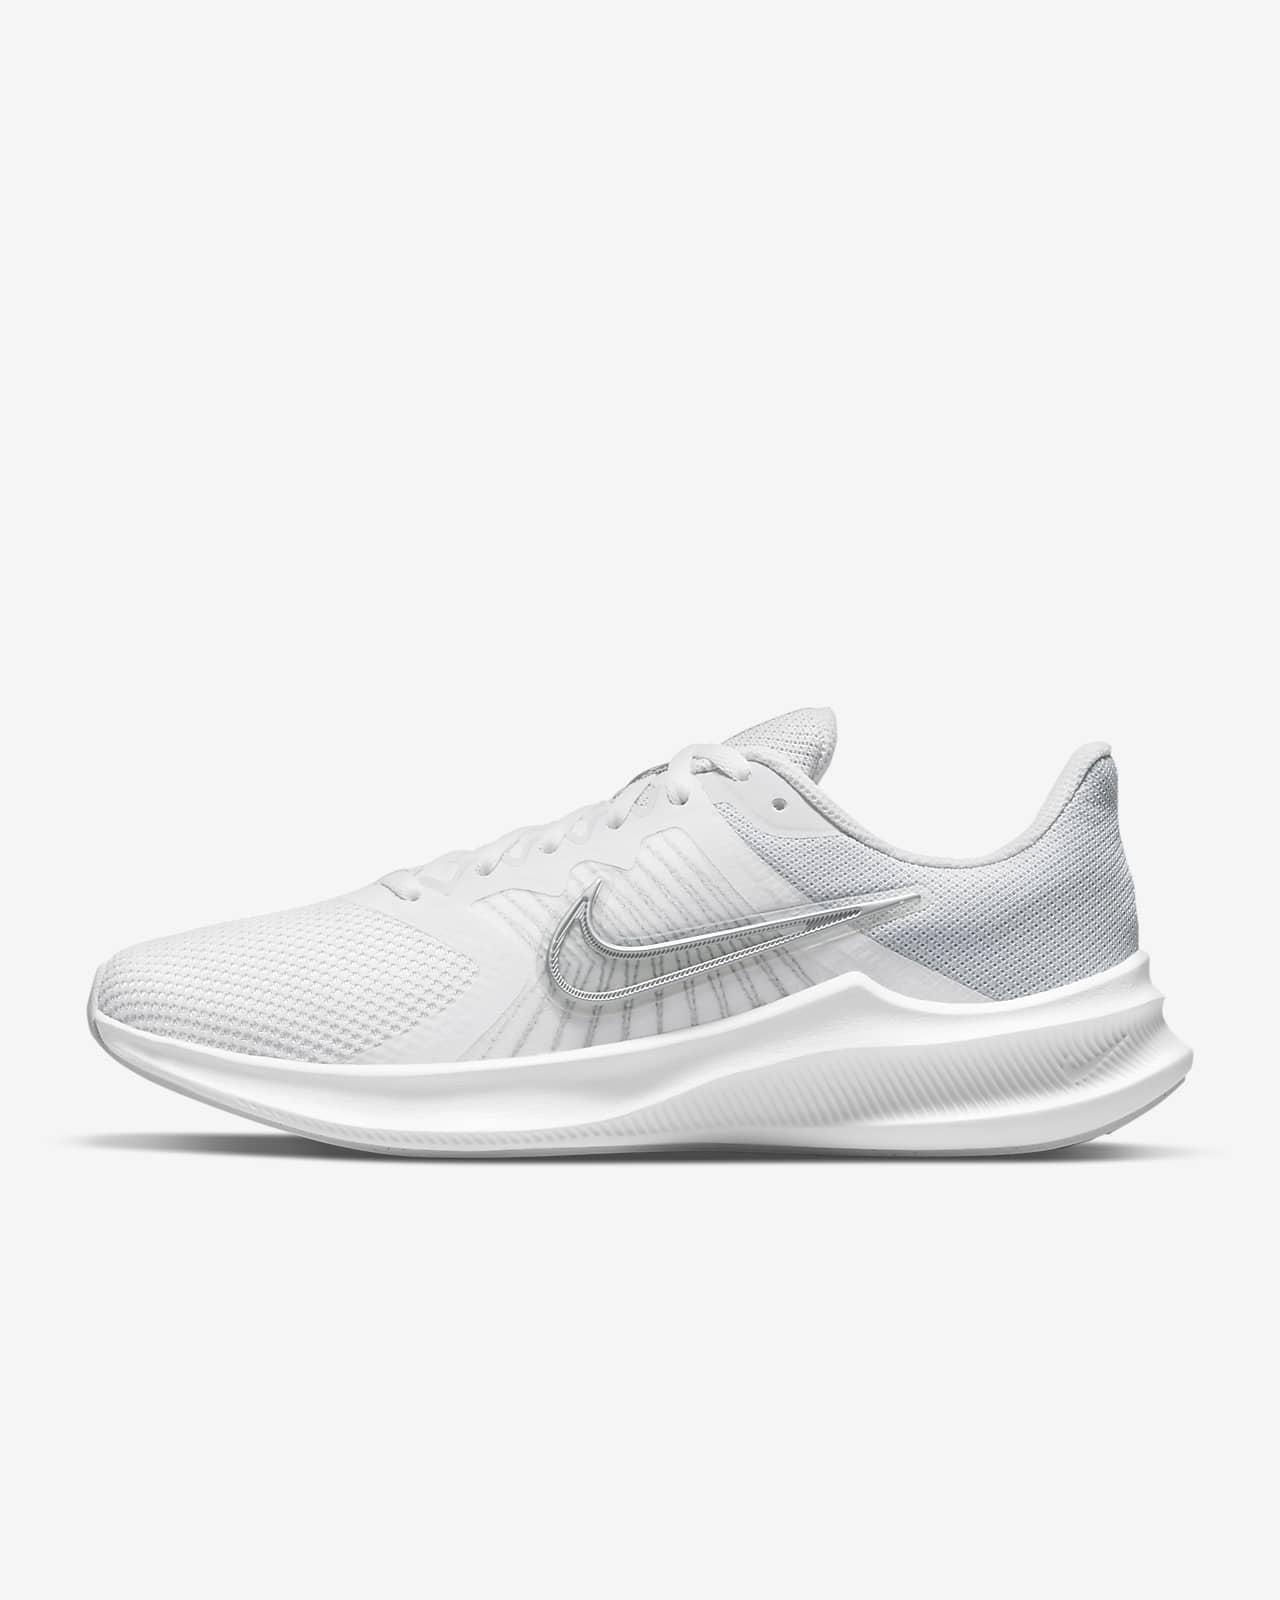 Dámské běžecké silniční boty Nike Downshifter11